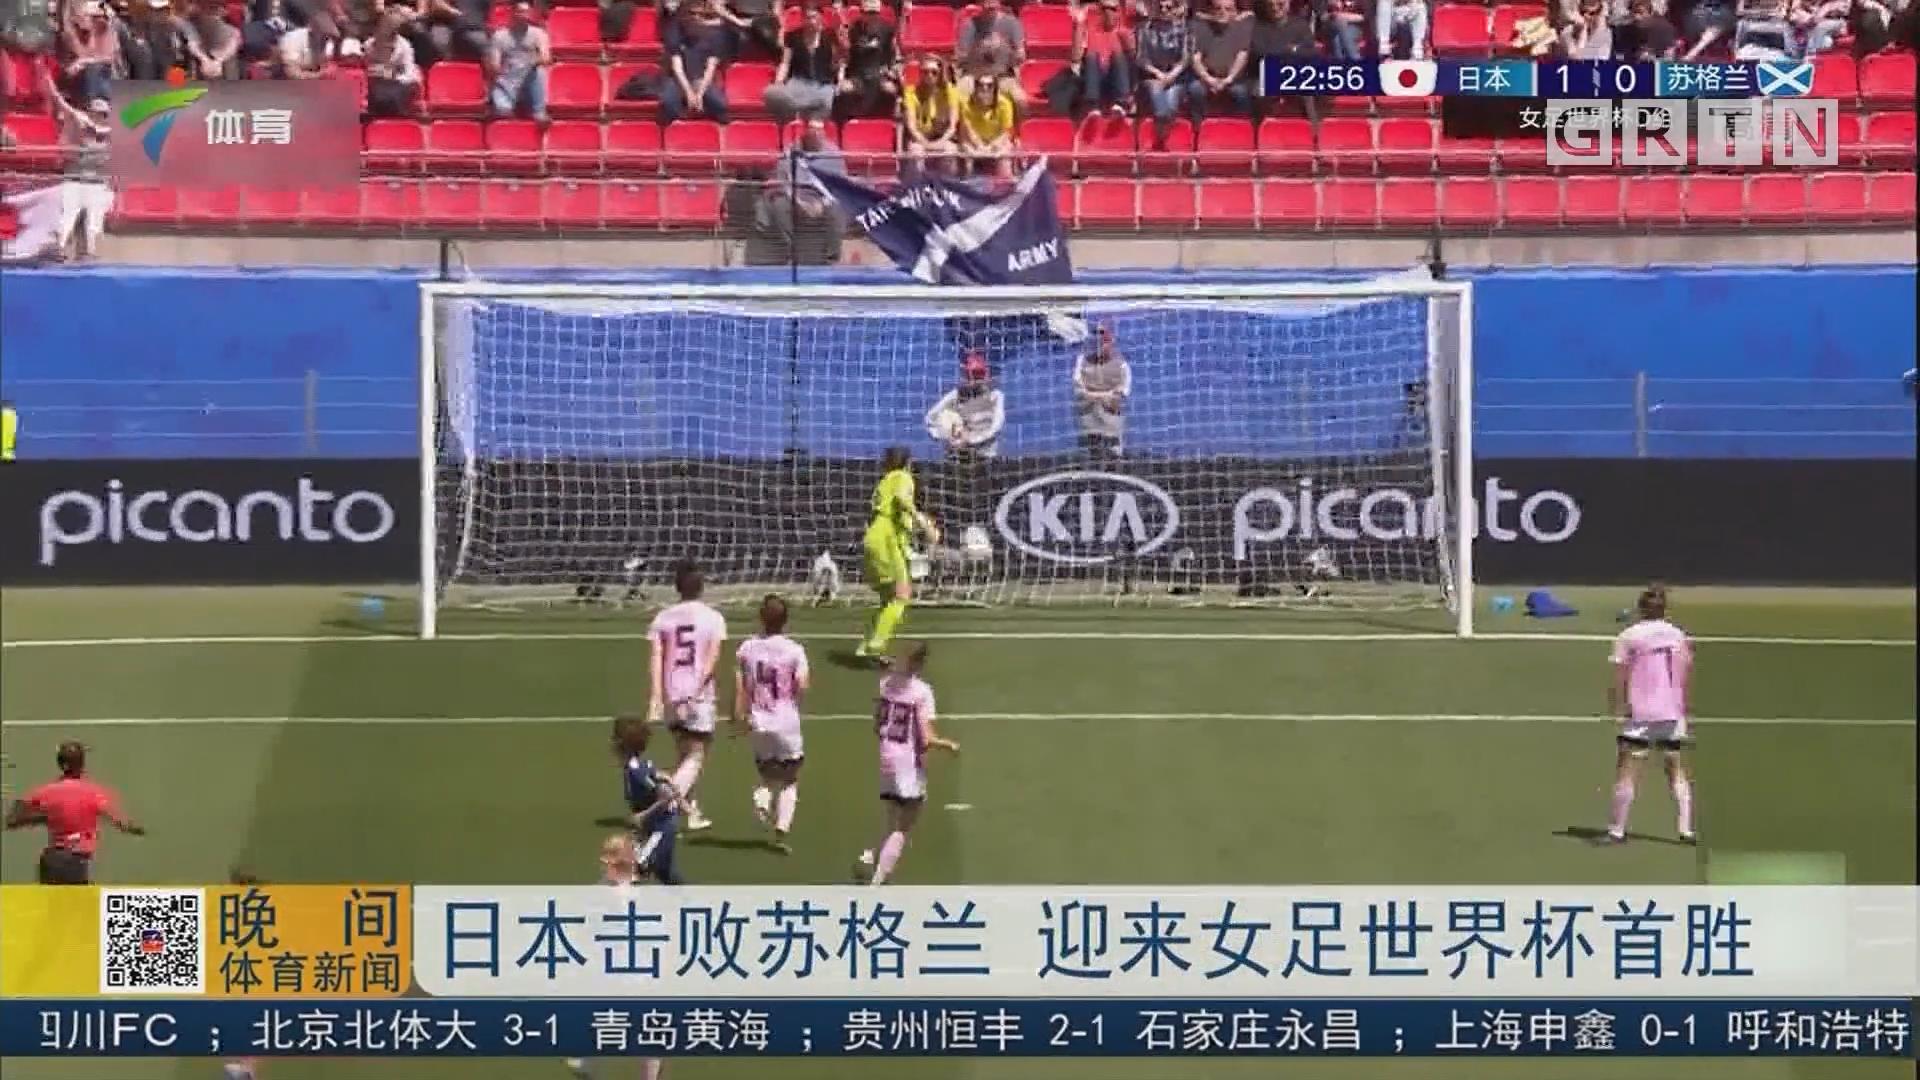 日本击败苏格兰 迎来女足世界杯首胜